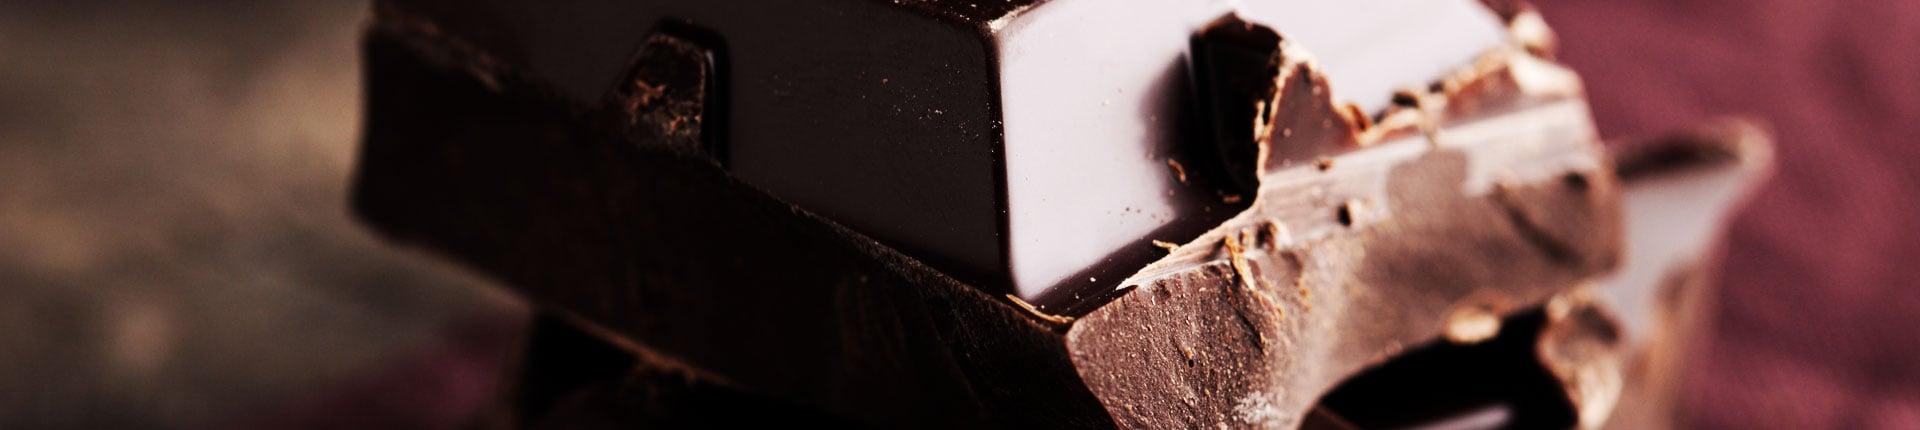 Jaką czekoladę wybrać?